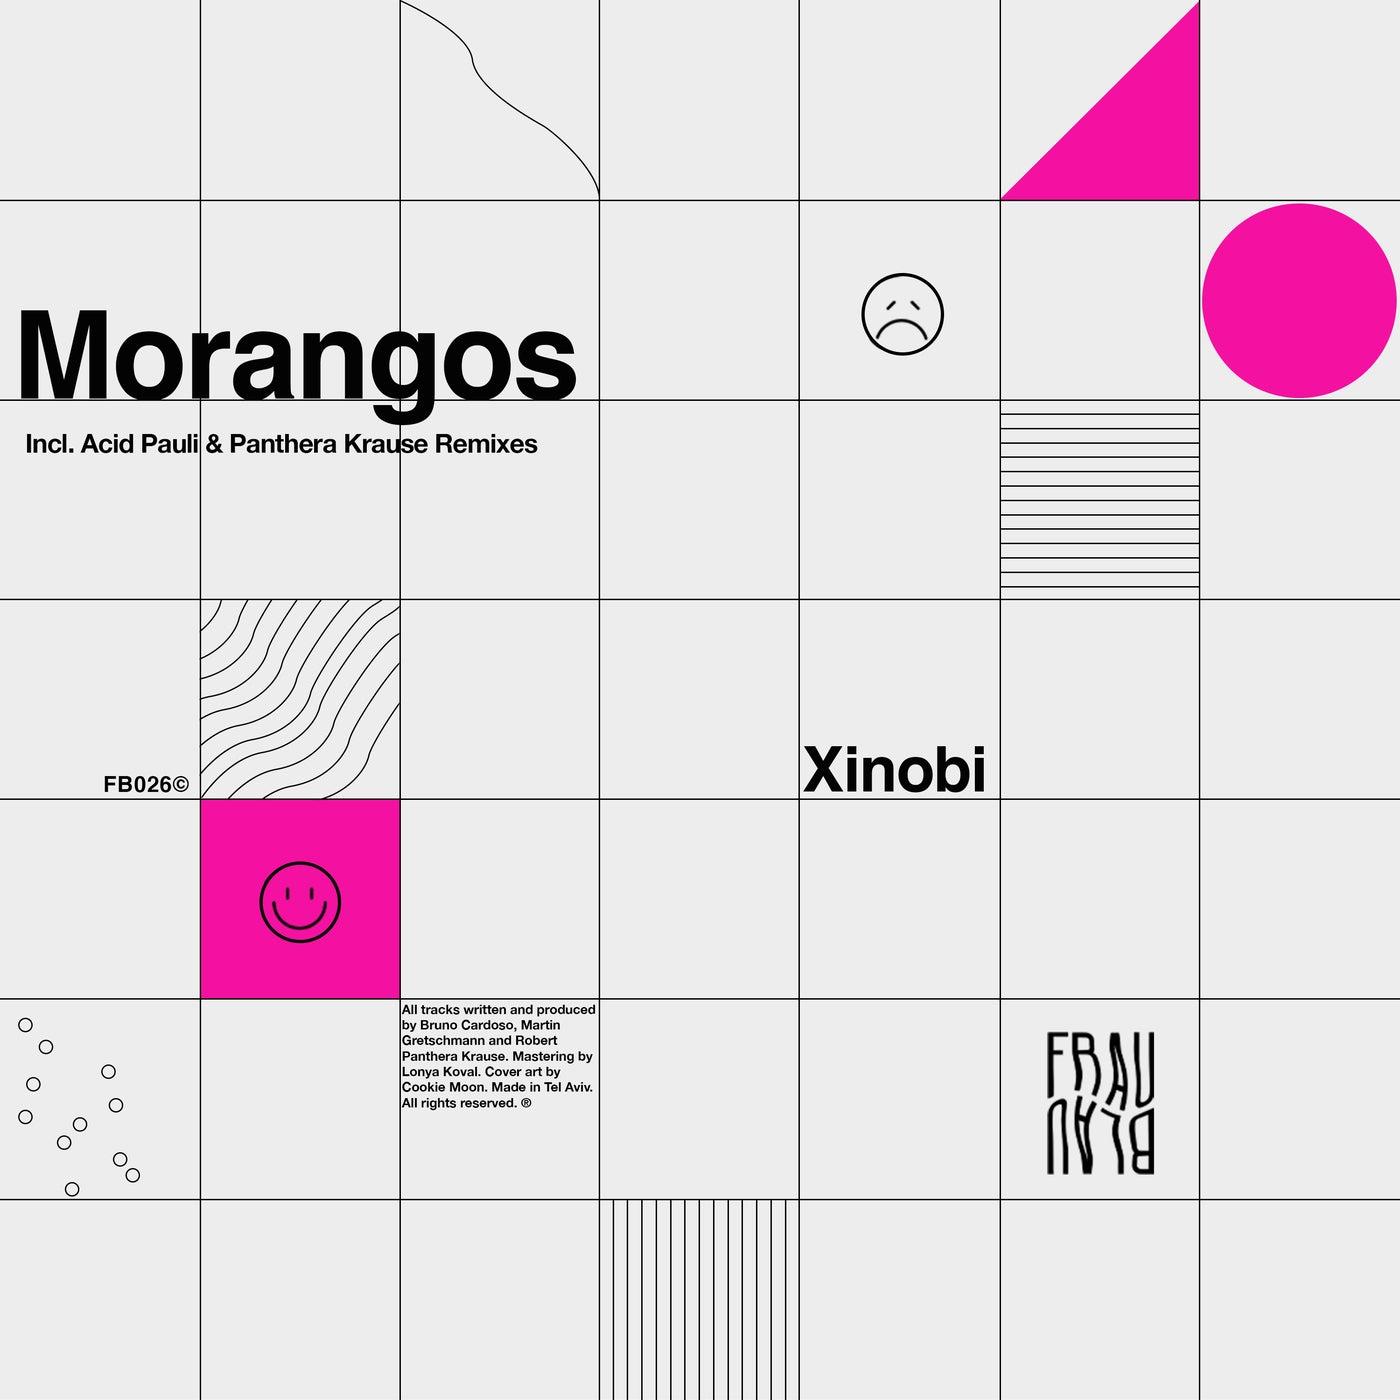 Morangos (Panthera Krause Remix)